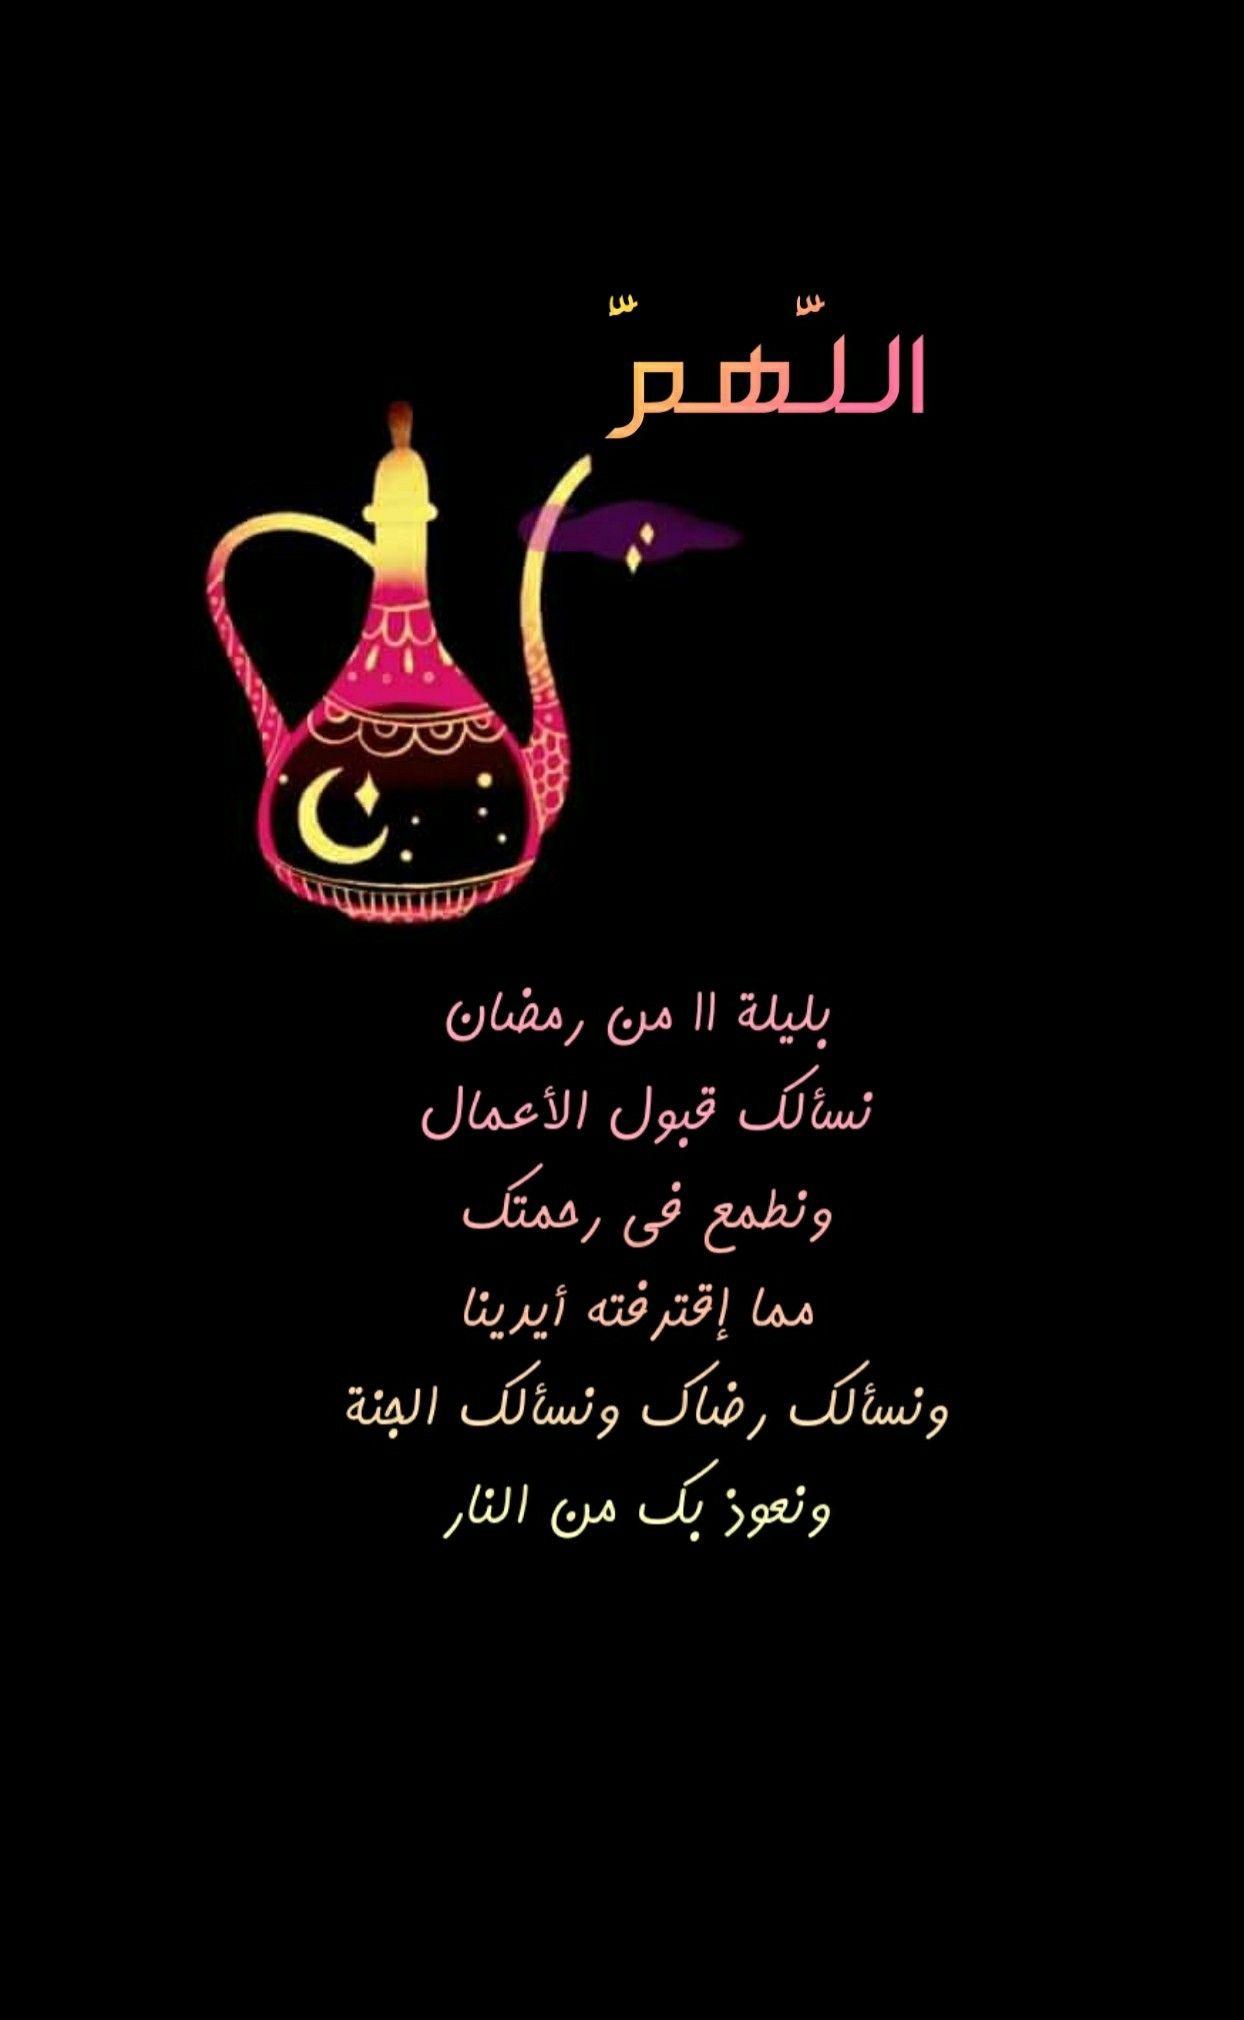 الـلــ هــم بليلة ١١ من رمضان نسألك قبول الأعمال ونطمع في رحمتك مما إقترفته أيدينا ونسألك رضاك ونسألك ا Ramadan Greetings Ramadan Cards Ramadhan Quotes